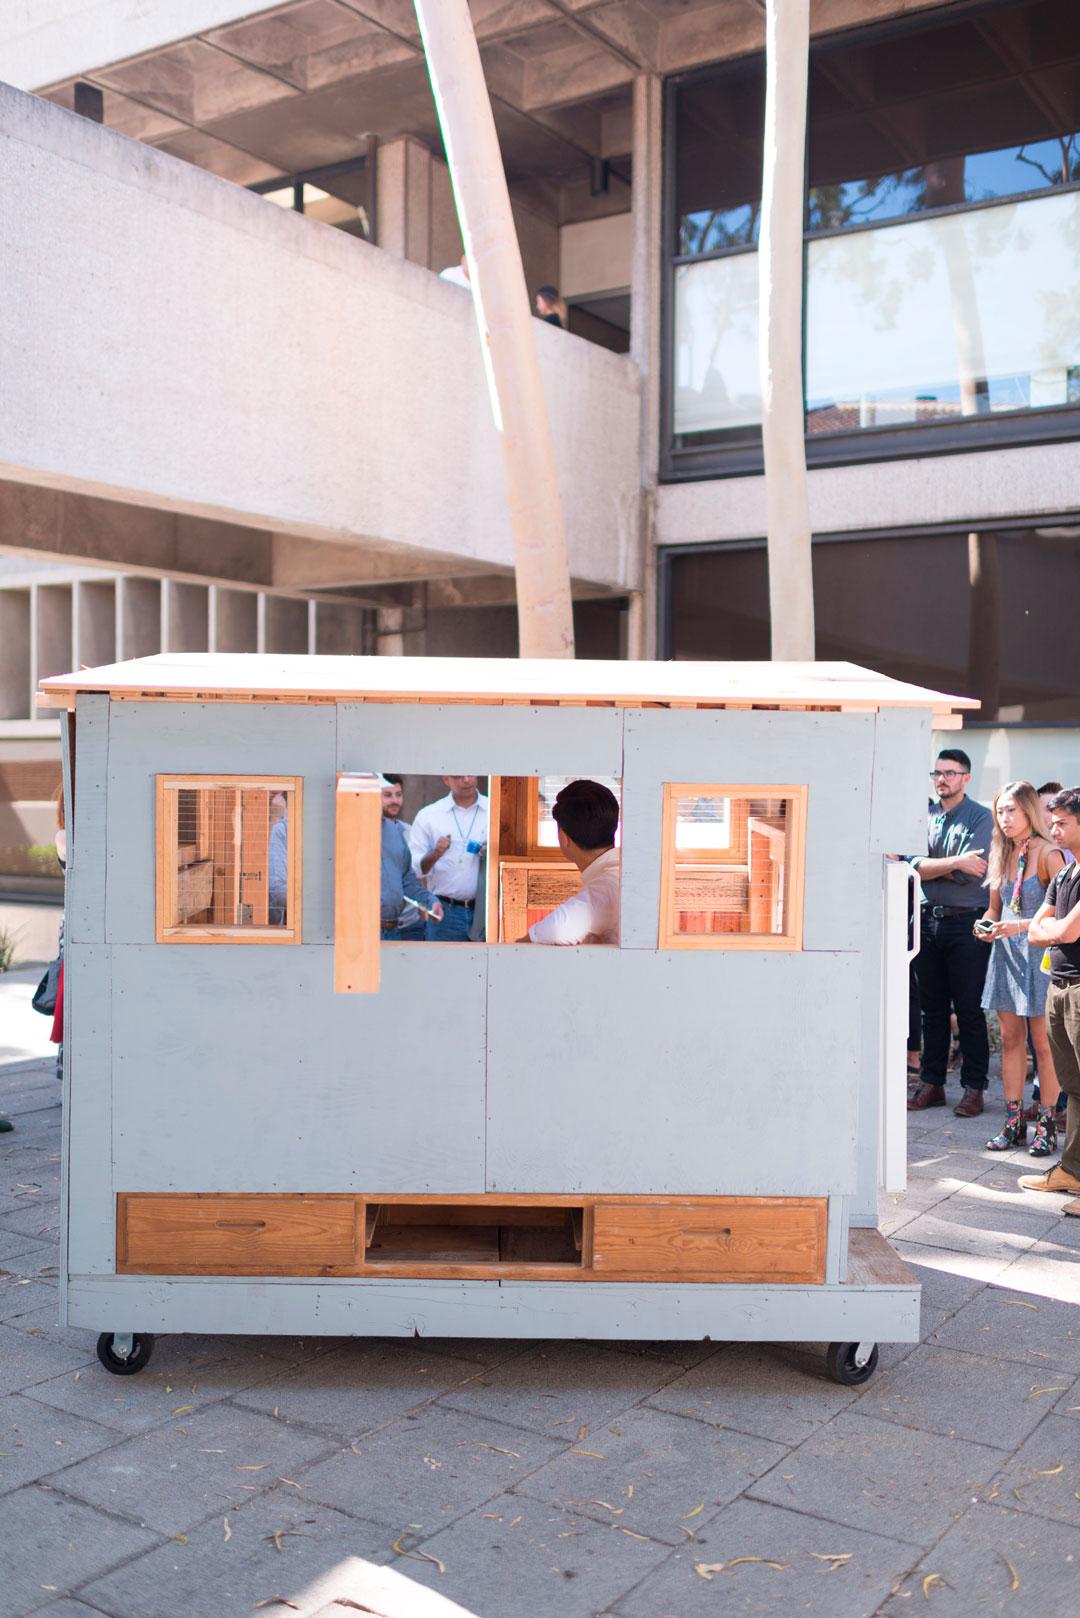 projeto-habitacao-sem-teto-arquitetura-design-universidade-california-800-01